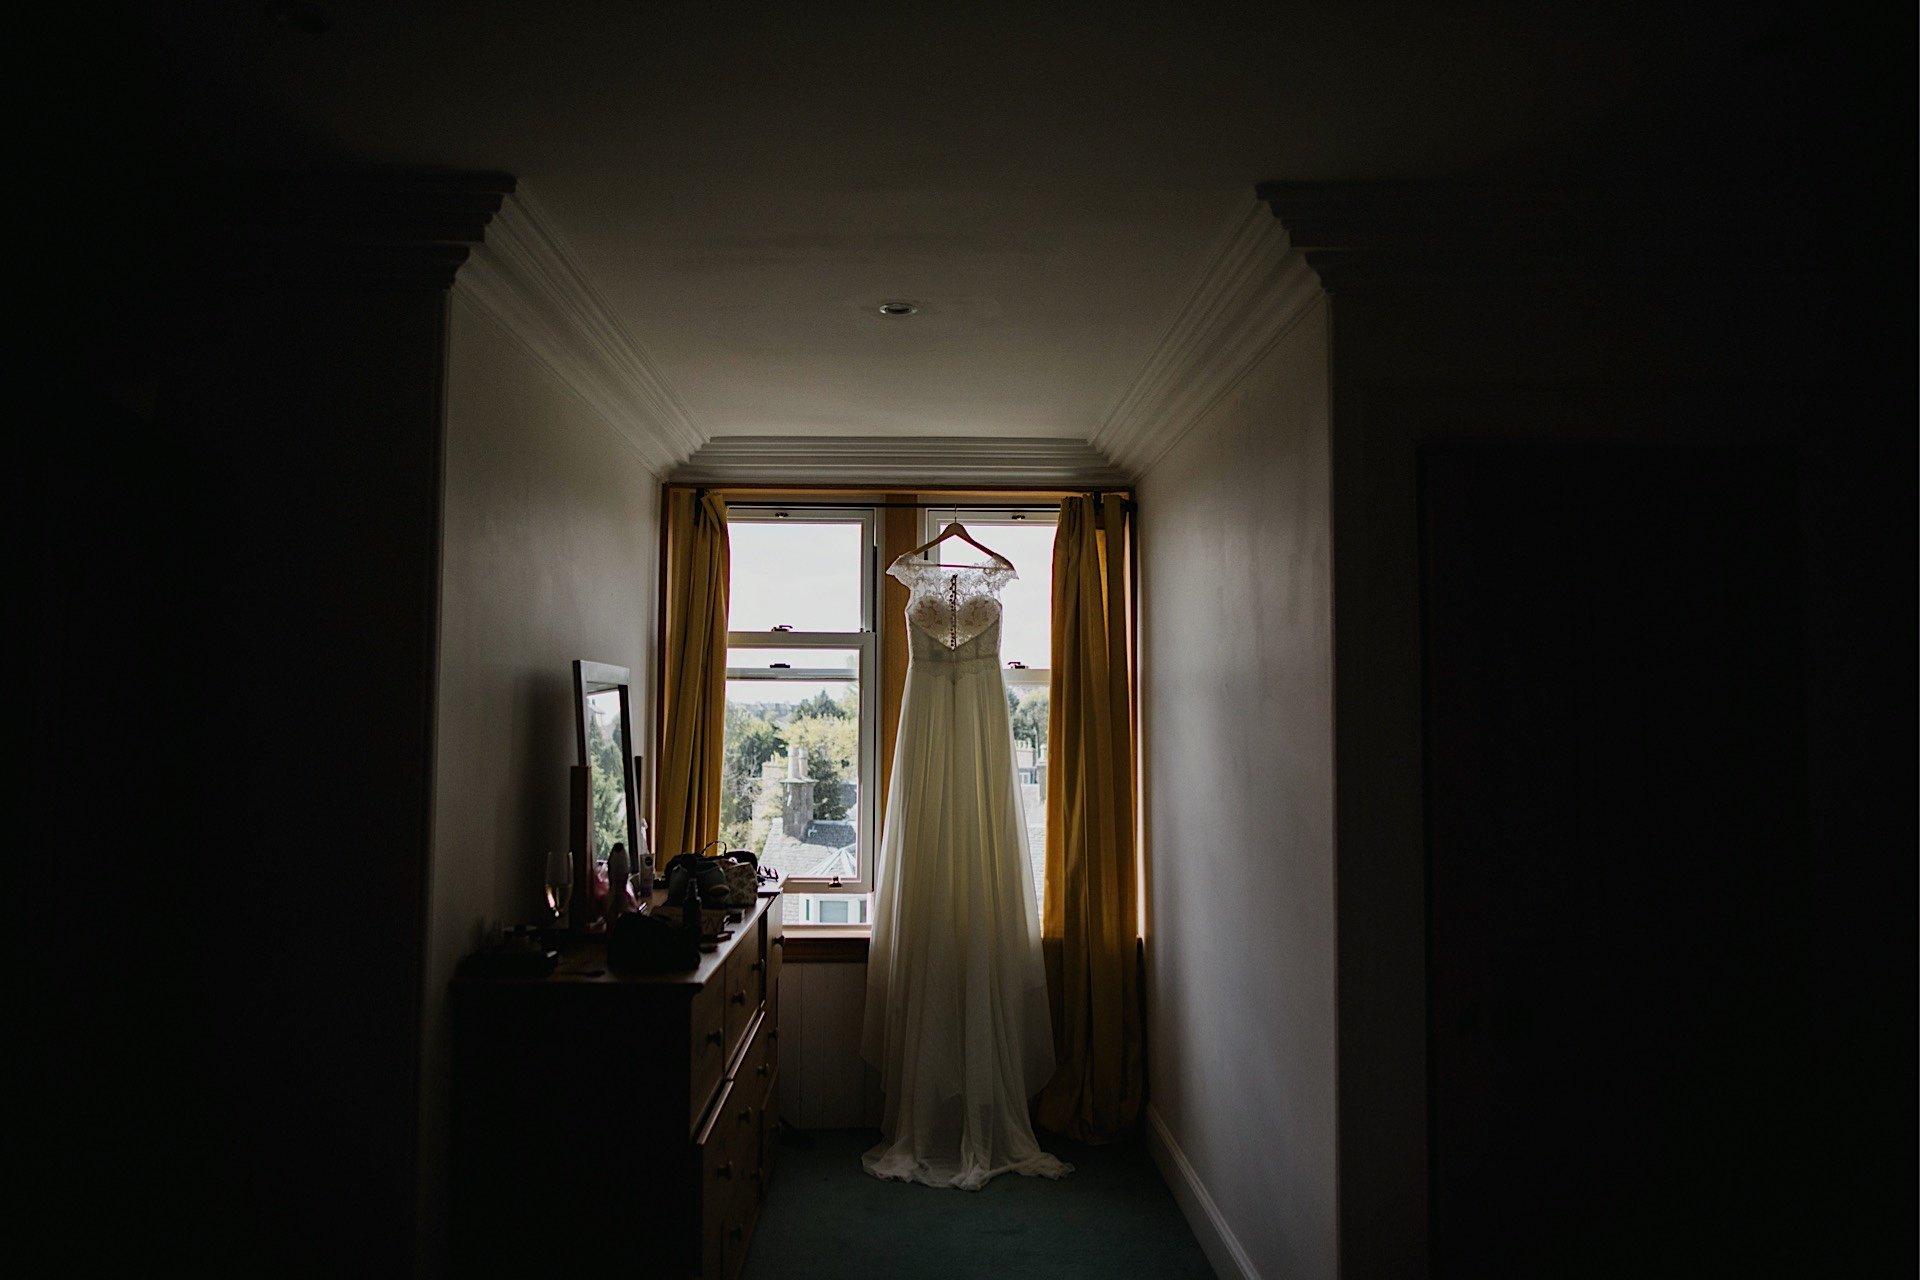 wedding dress in window of bride's home